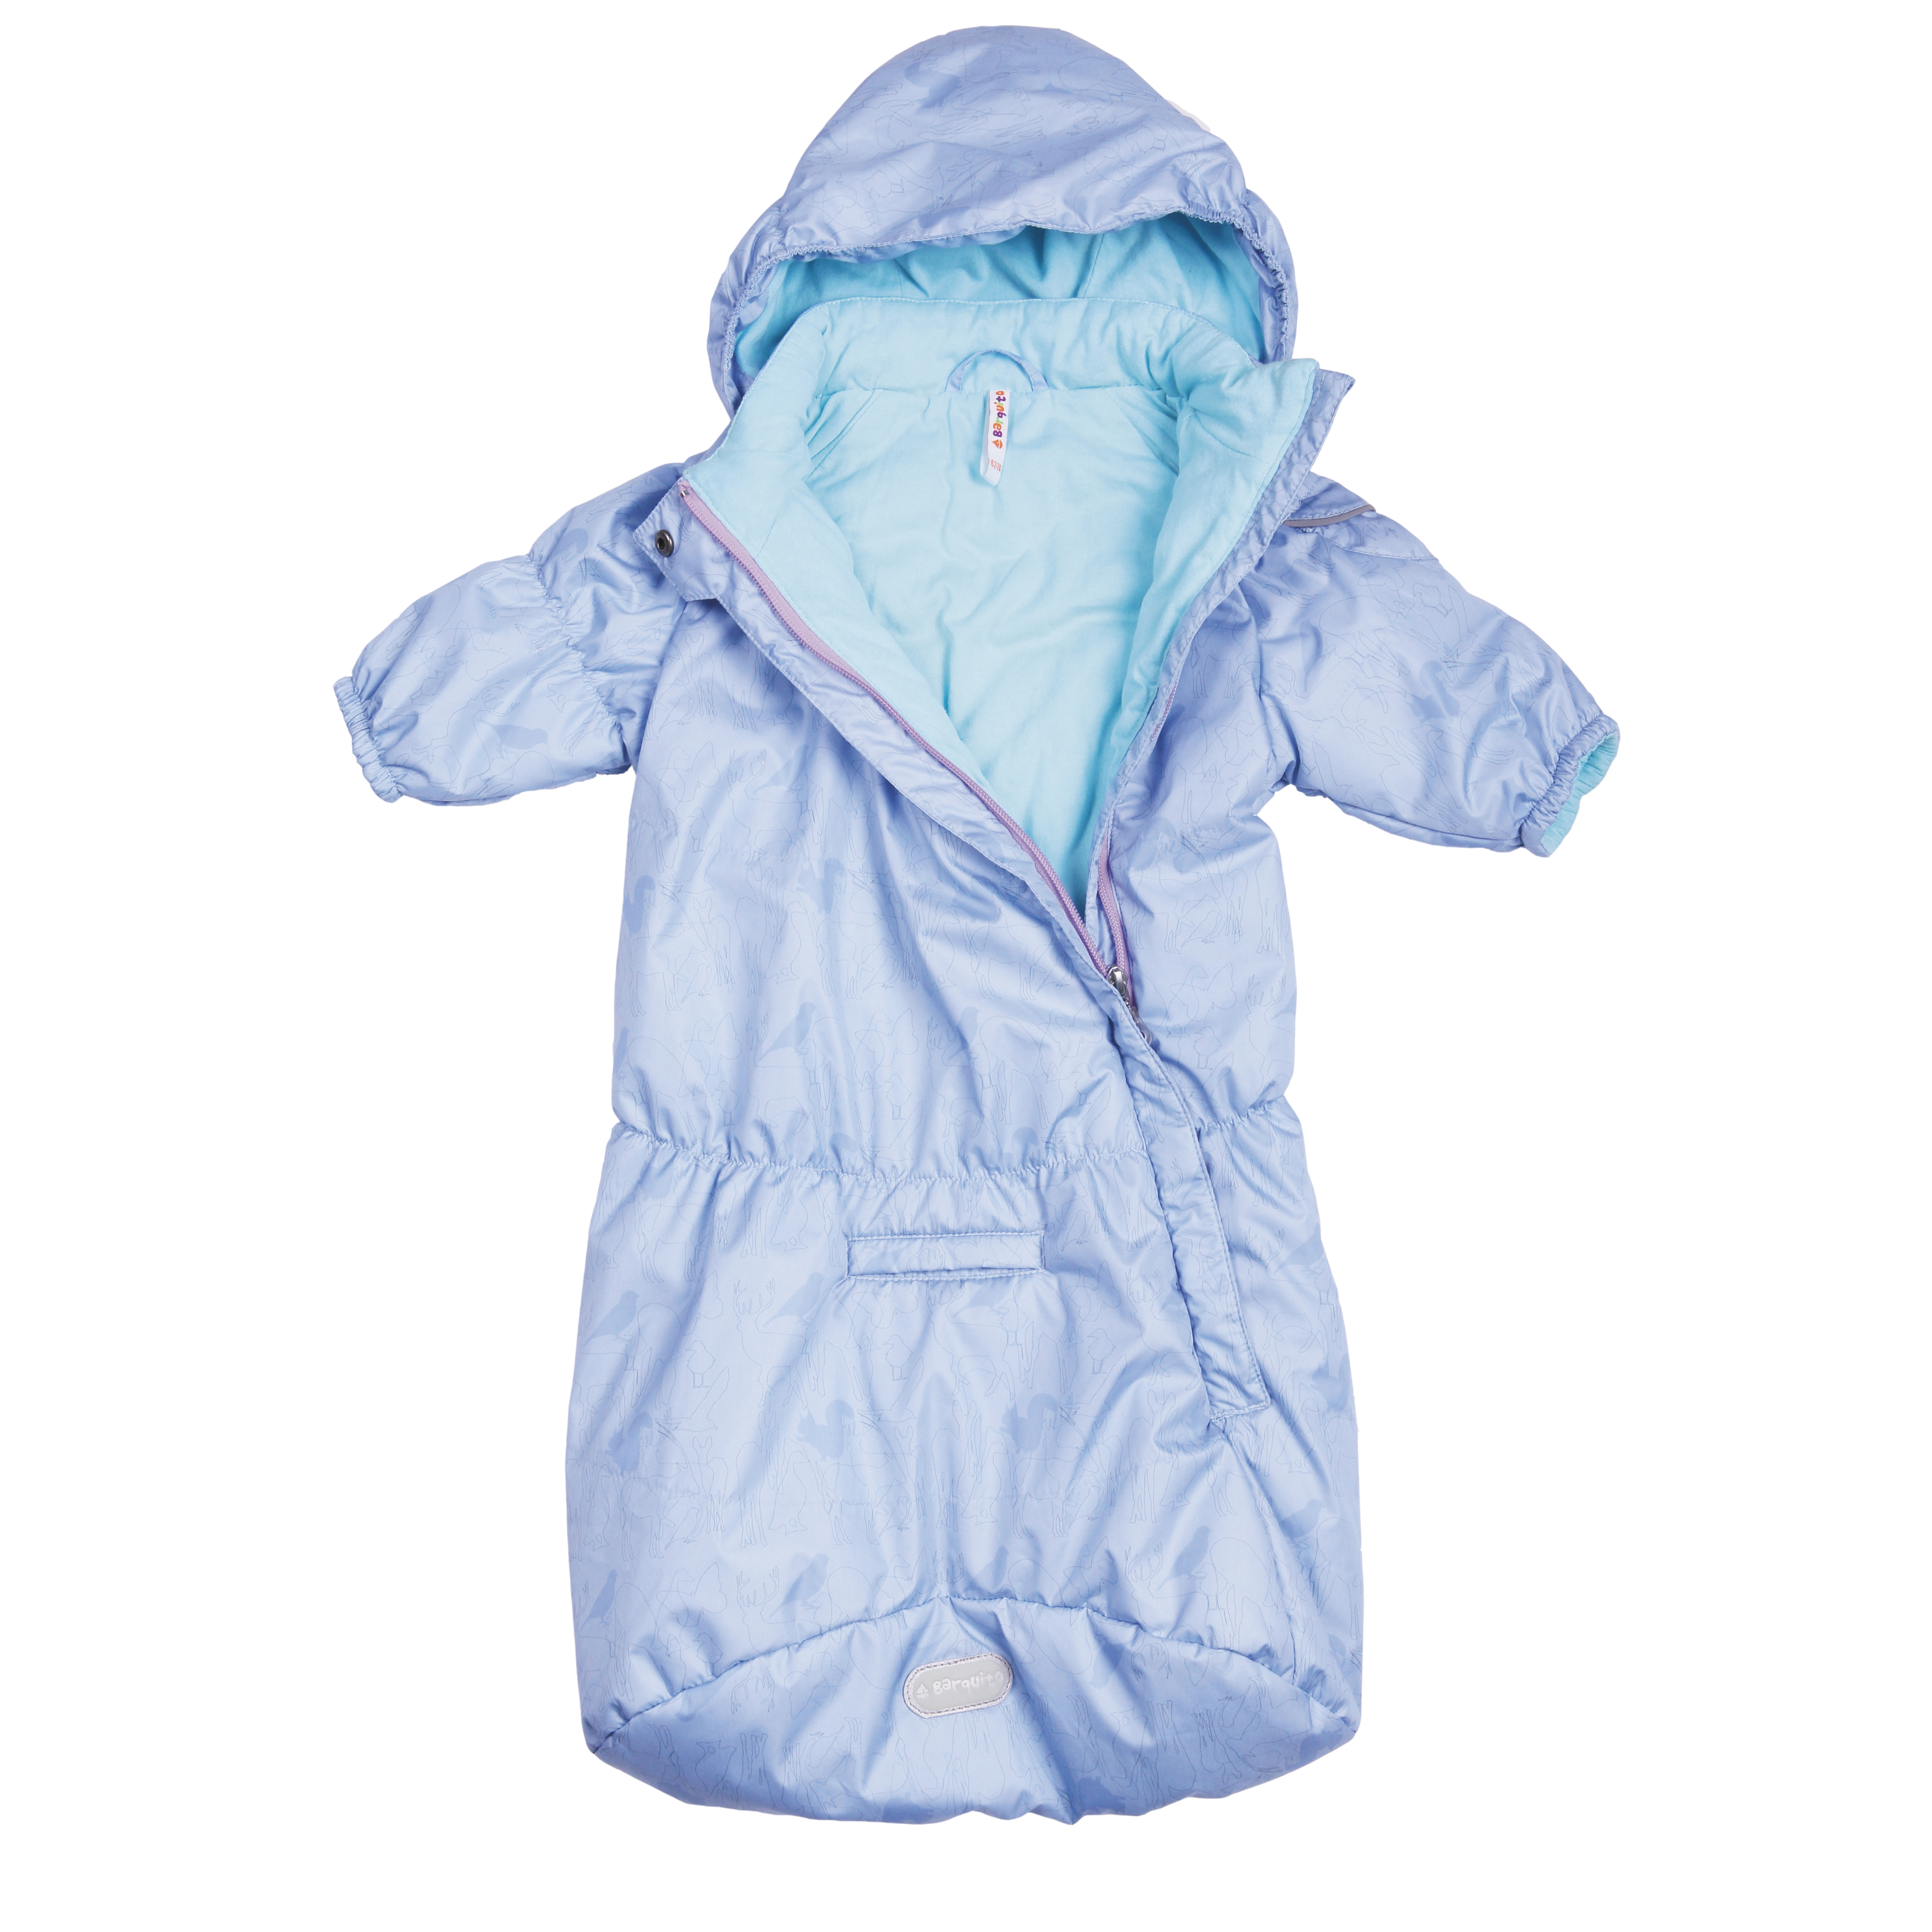 Конверты и спальные мешки BARQUITO Спальный мешок для мальчика Barquito голубой